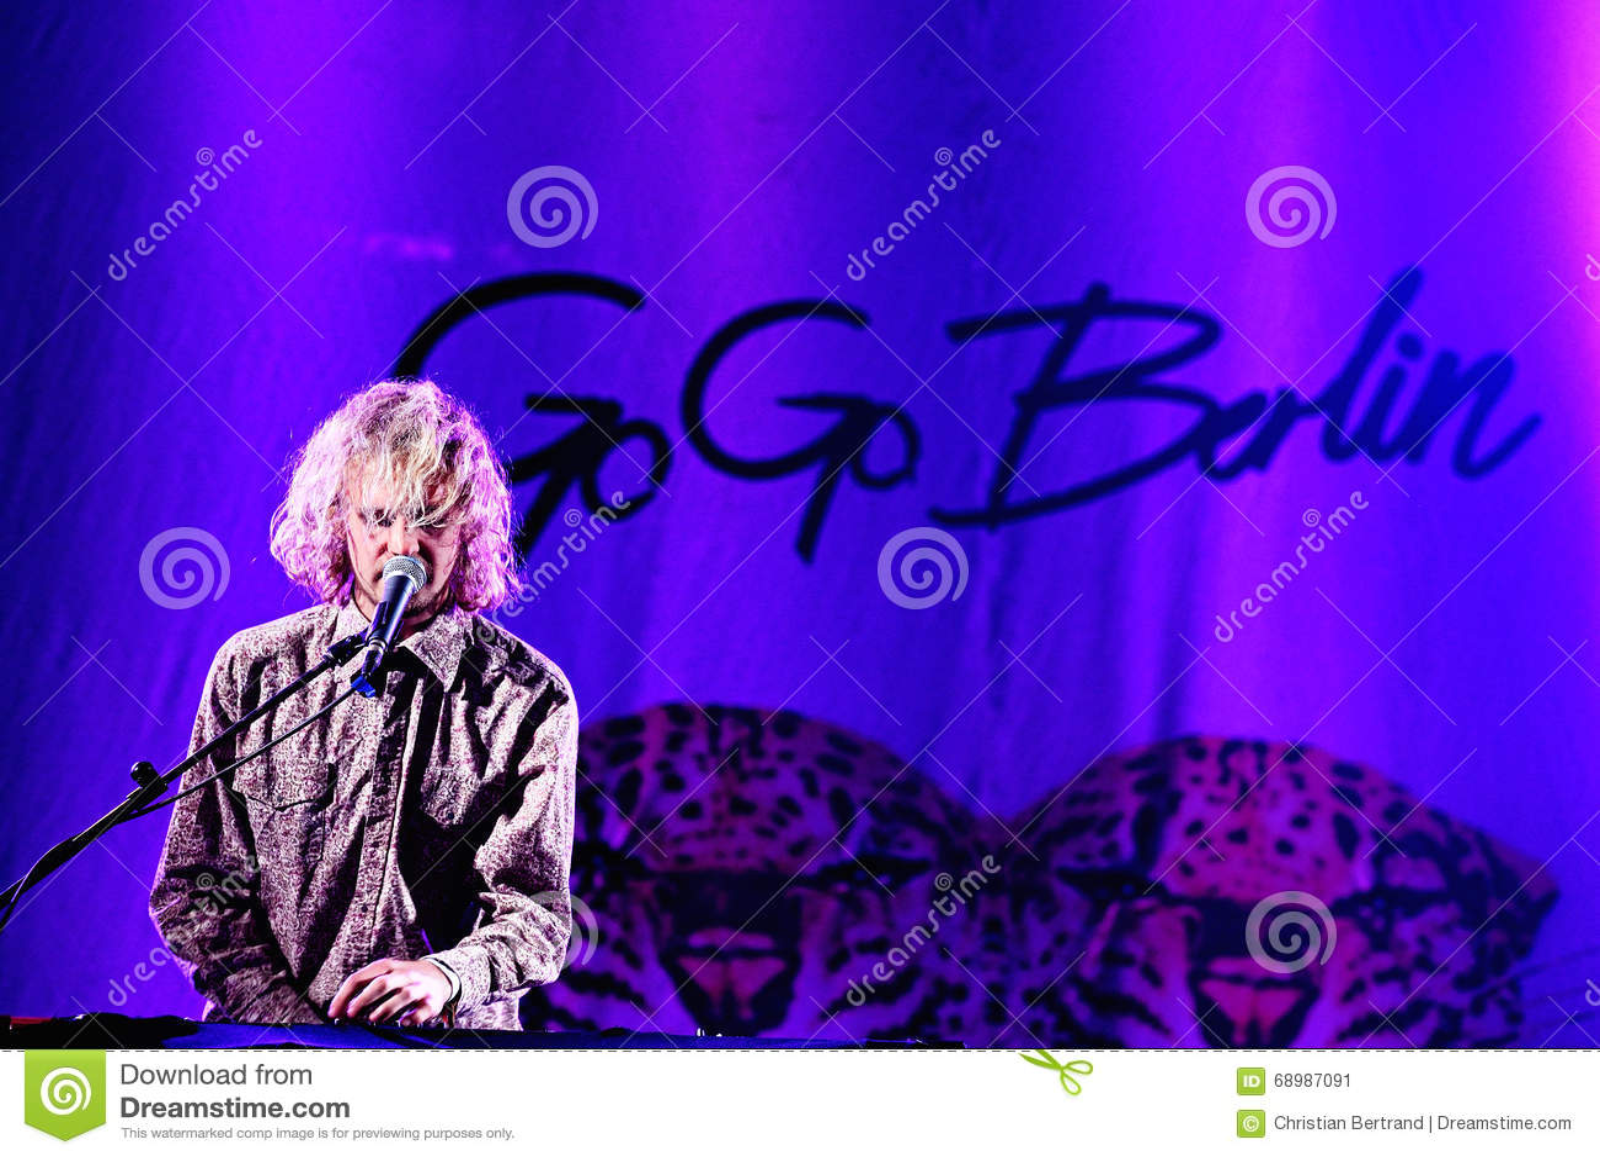 Vaya van actuación en directo de Berlín (banda) en el festival de Bime